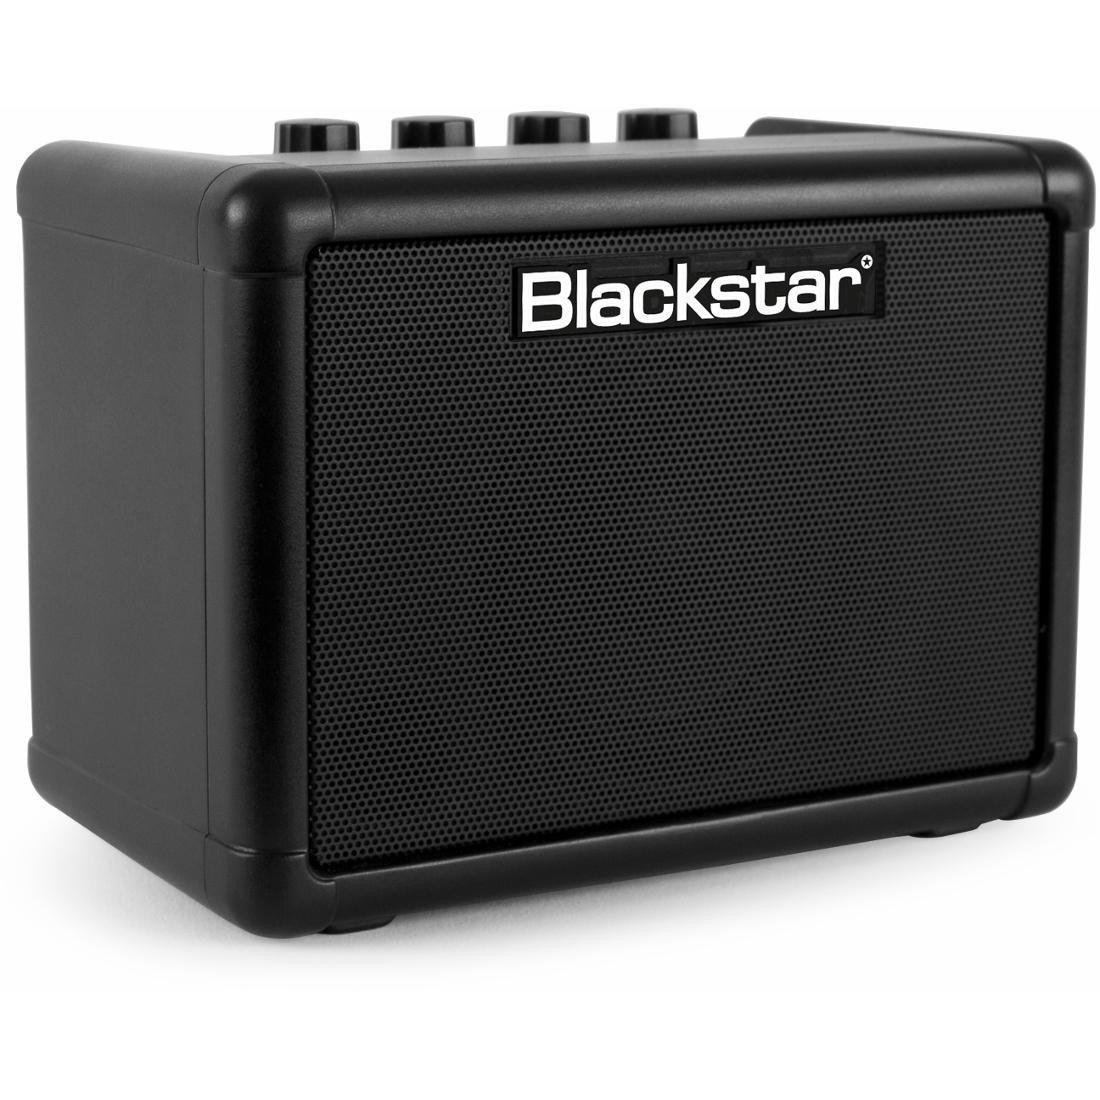 Blackstar FLY 3 Watt Mini Guitar Amplifier